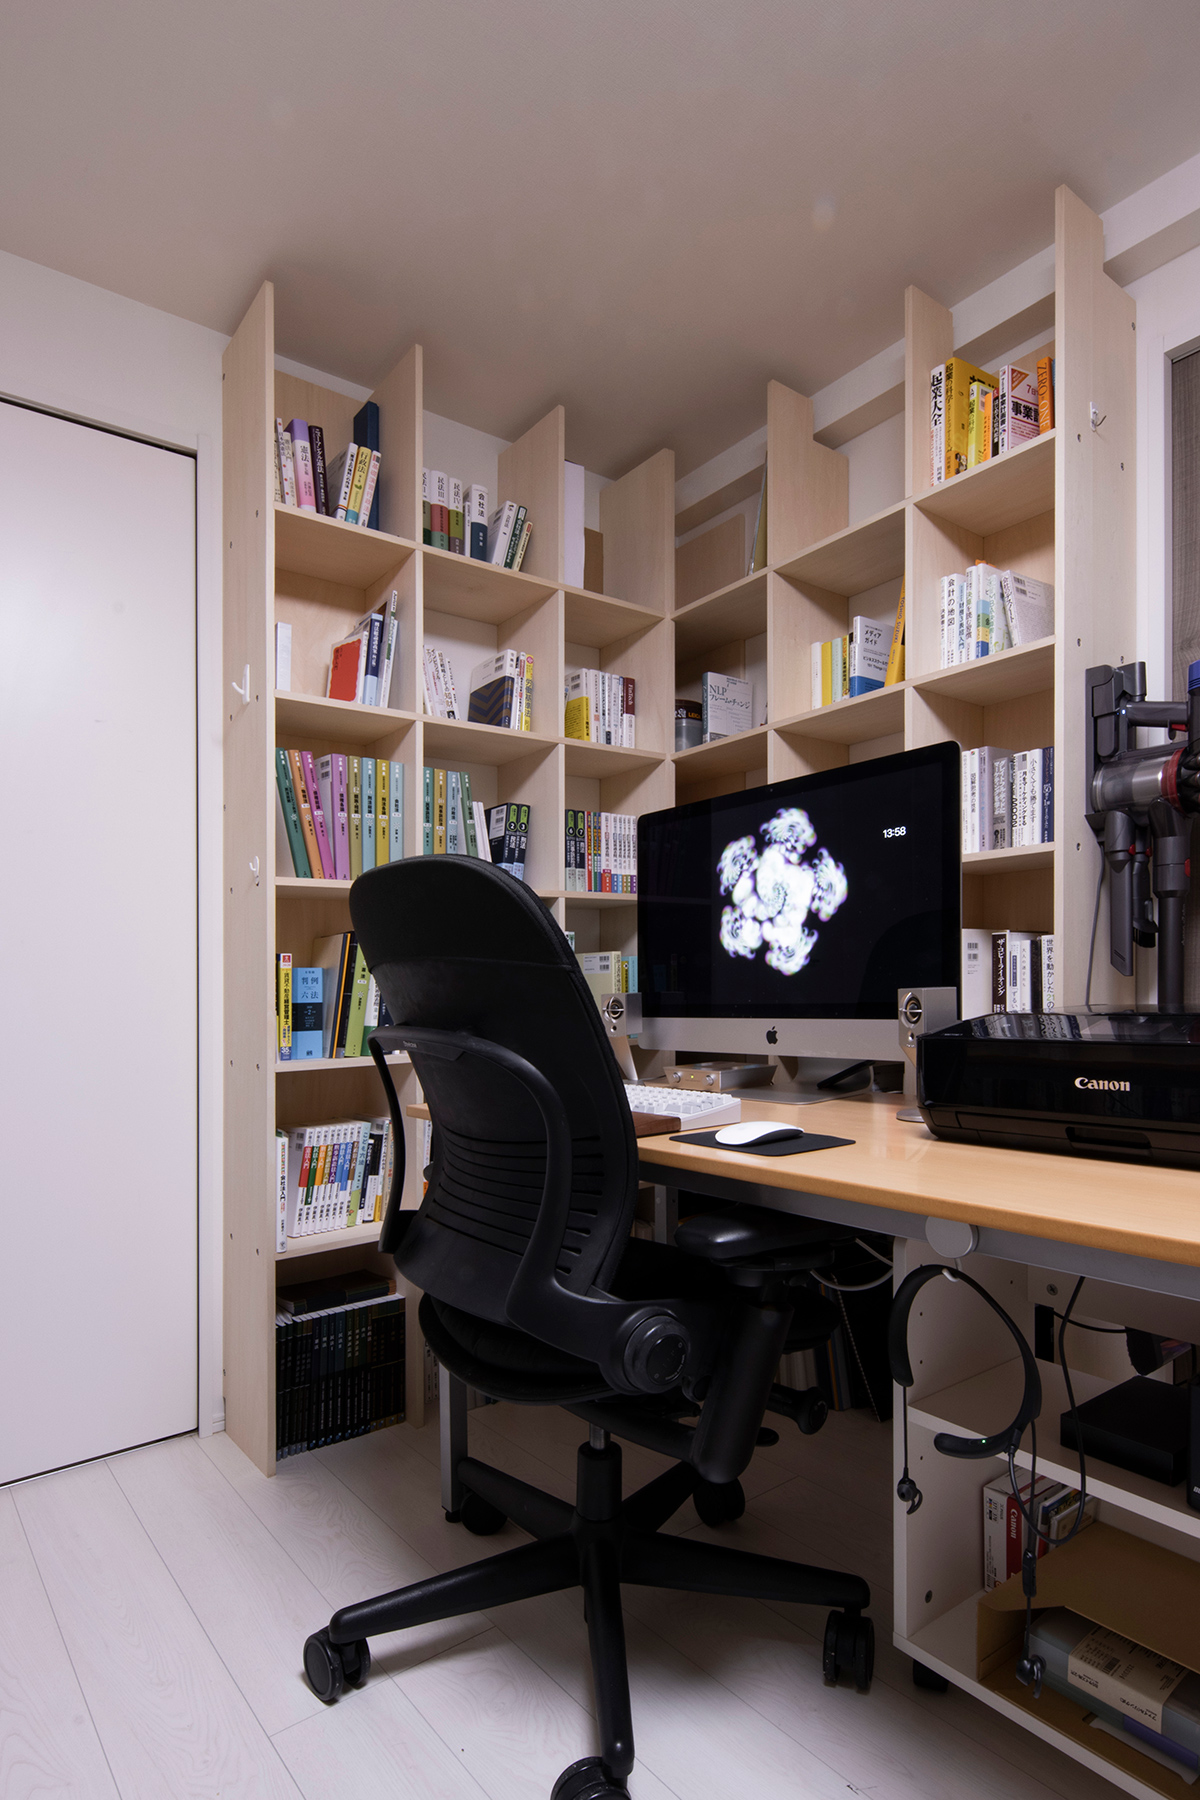 開口部を生かしつつ4面の壁を本棚に   壁一面の本棚 奥行250mm / Shelf (No.90)   マルゲリータ使用例